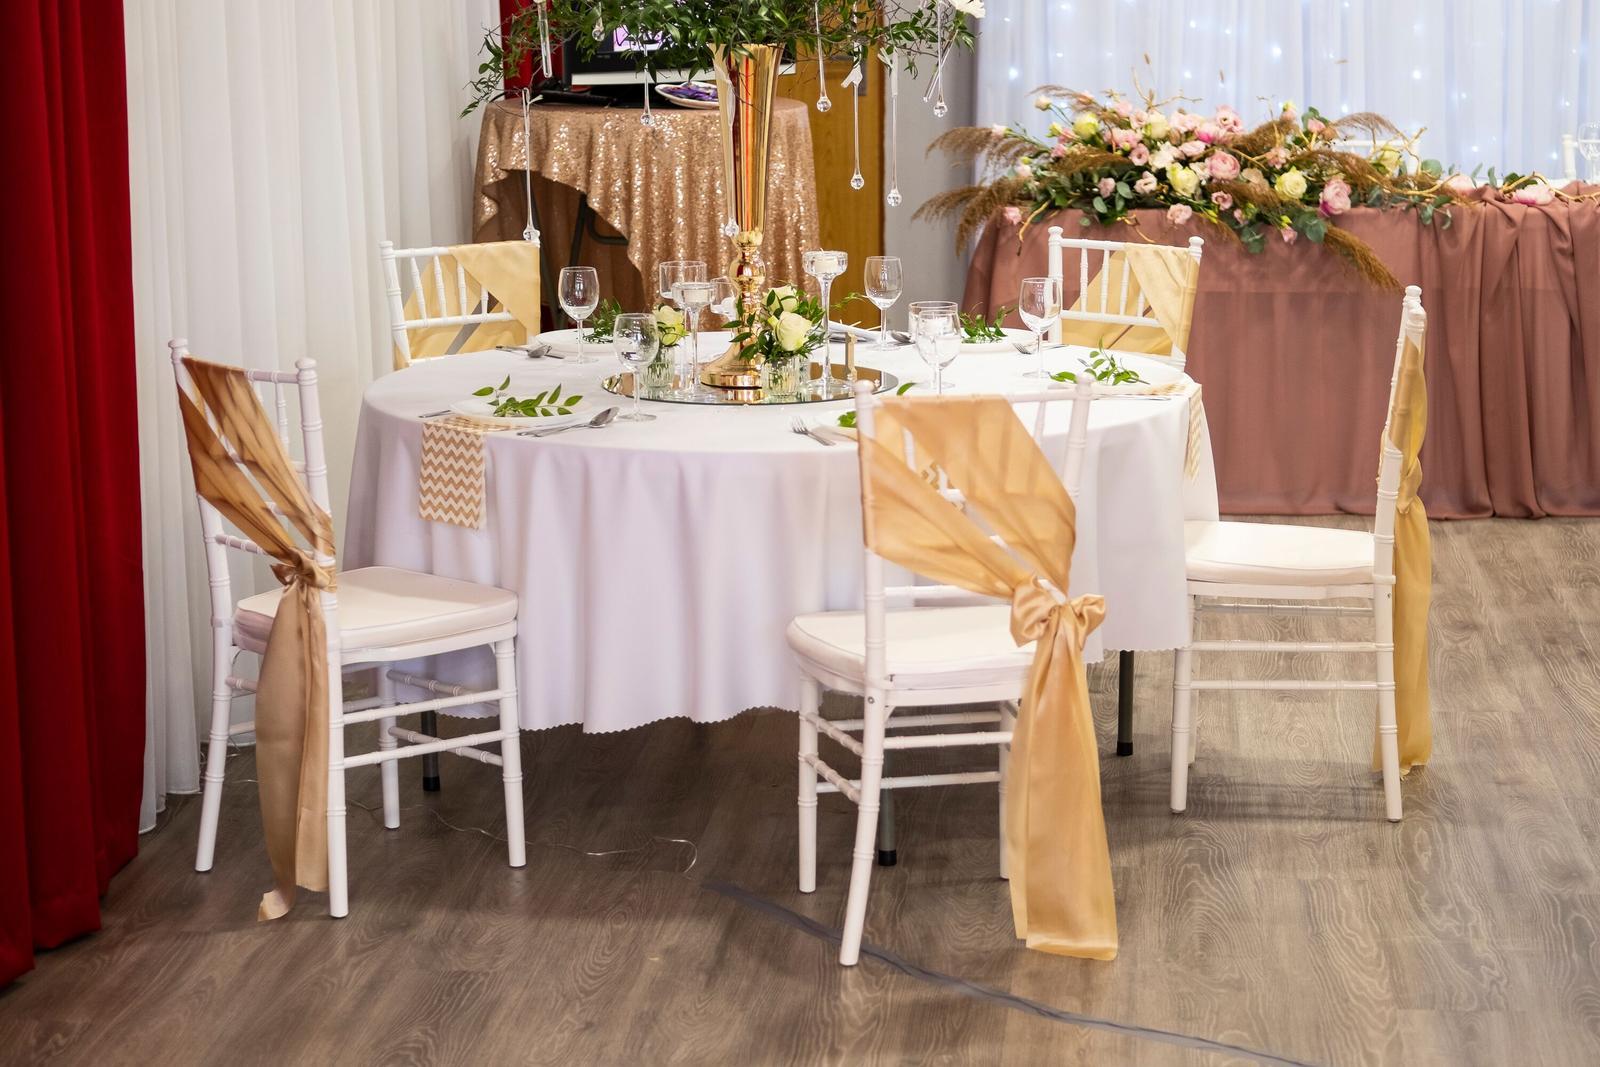 Biele chiavari stoličky prenájom 2,50 Eur - Obrázok č. 1